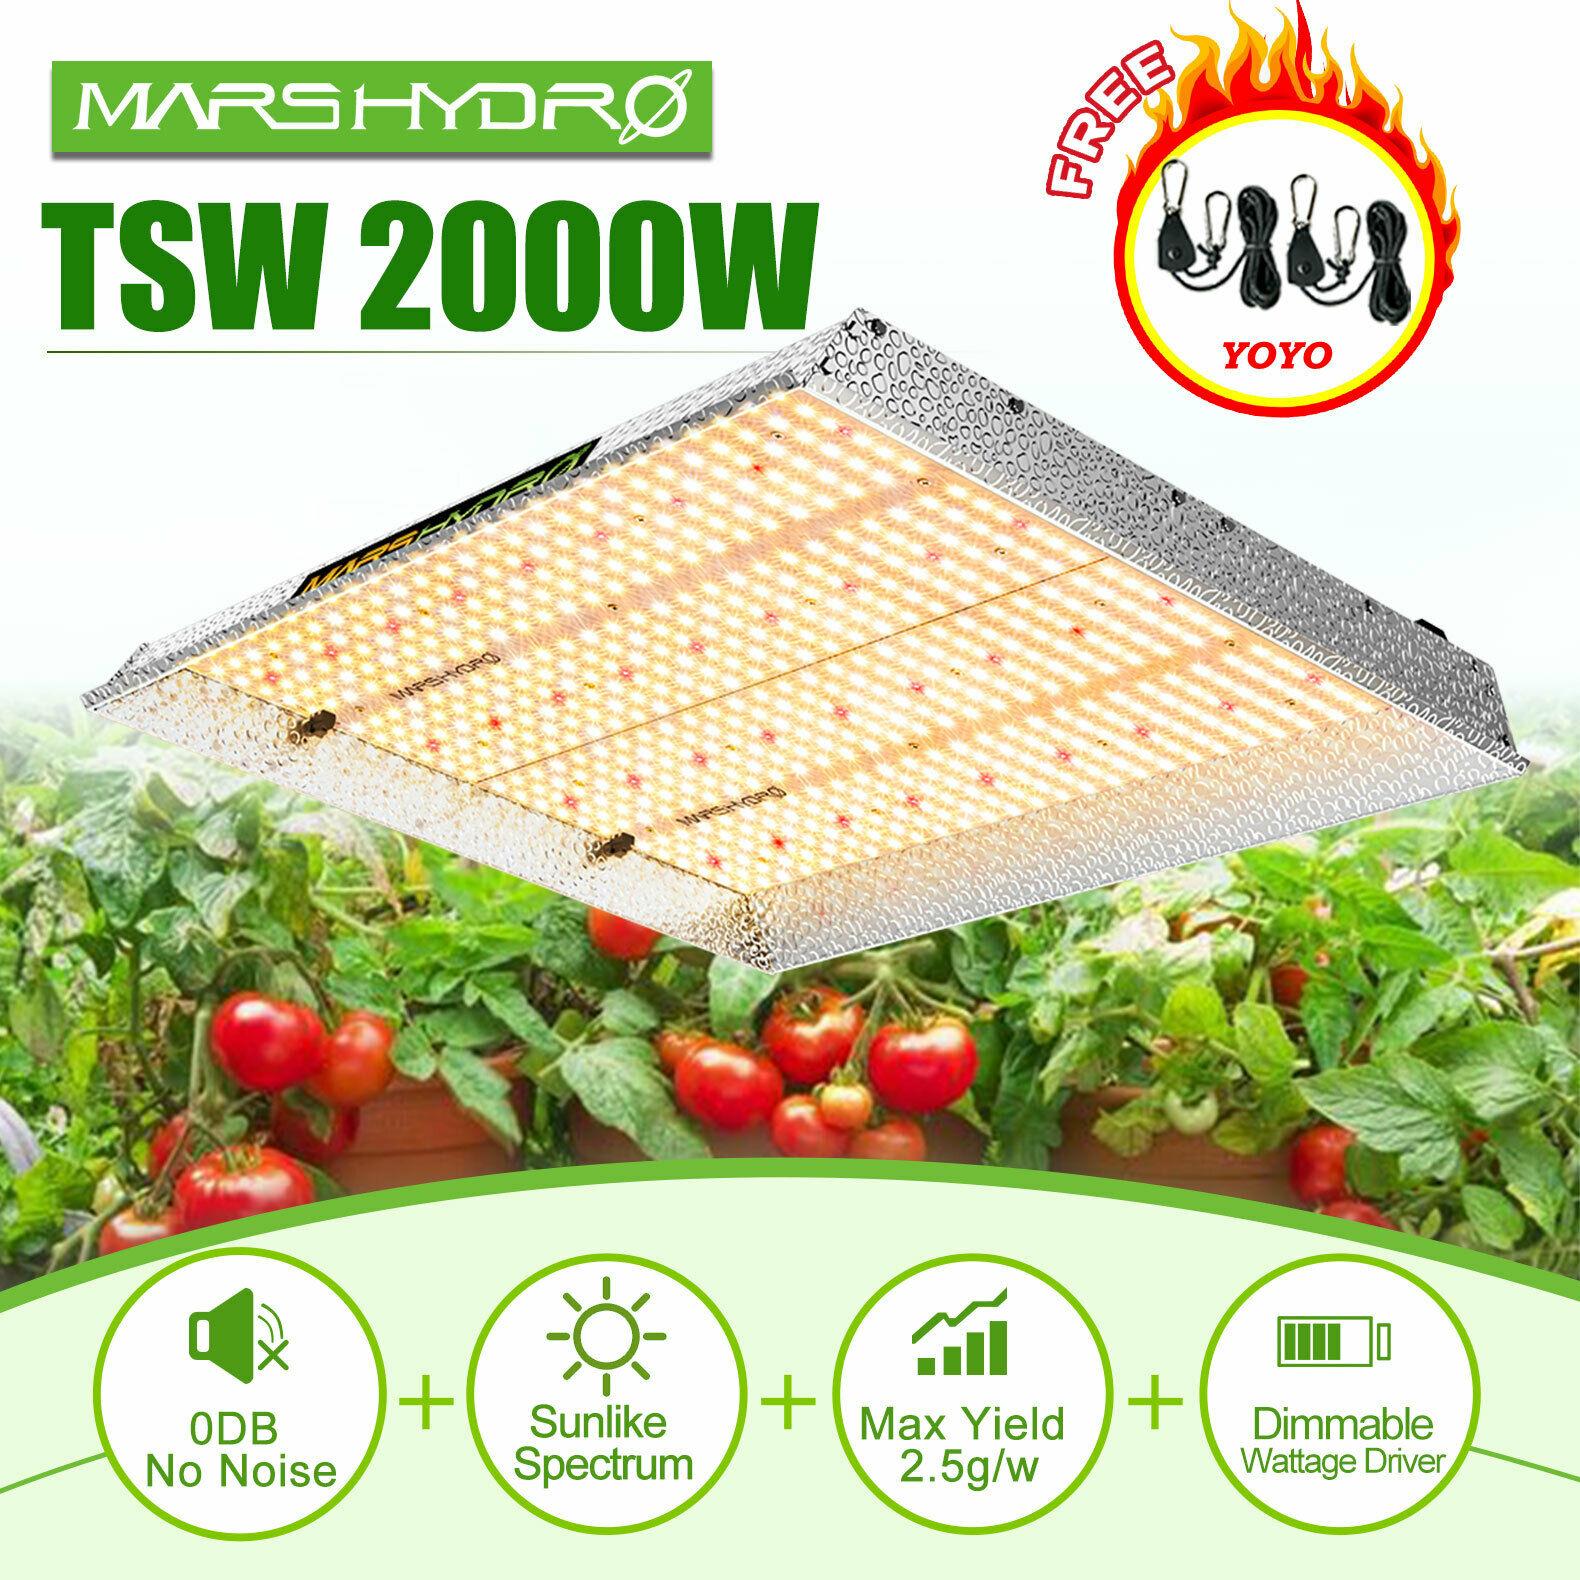 Mars Hydro 2019 TSW 2000W LED Grow Light Full Spectrum Led Grow Light Veg Flower Plant +Indoor Grow Tent Kit Comb Multi-size